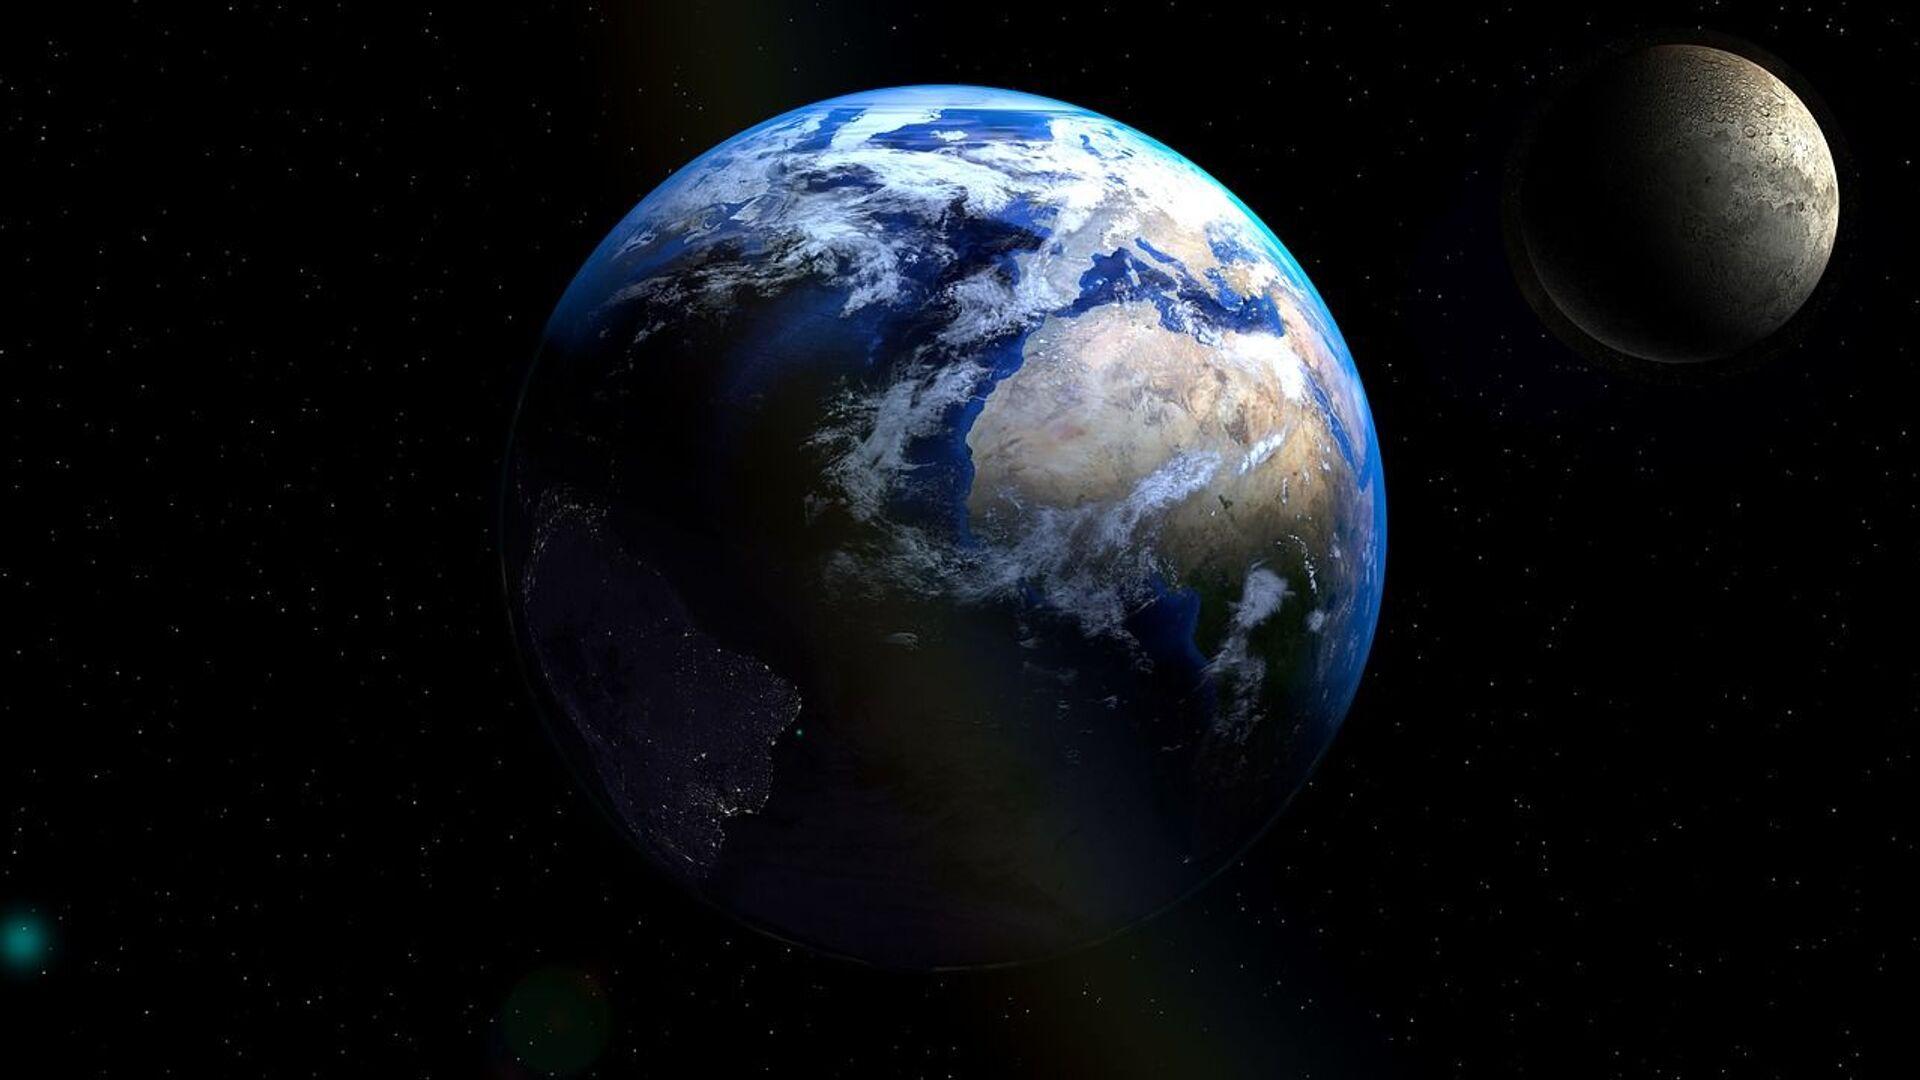 Εικόνα από το Διάστημα: Η Γη.  - Sputnik Ελλάδα, 1920, 01.10.2021